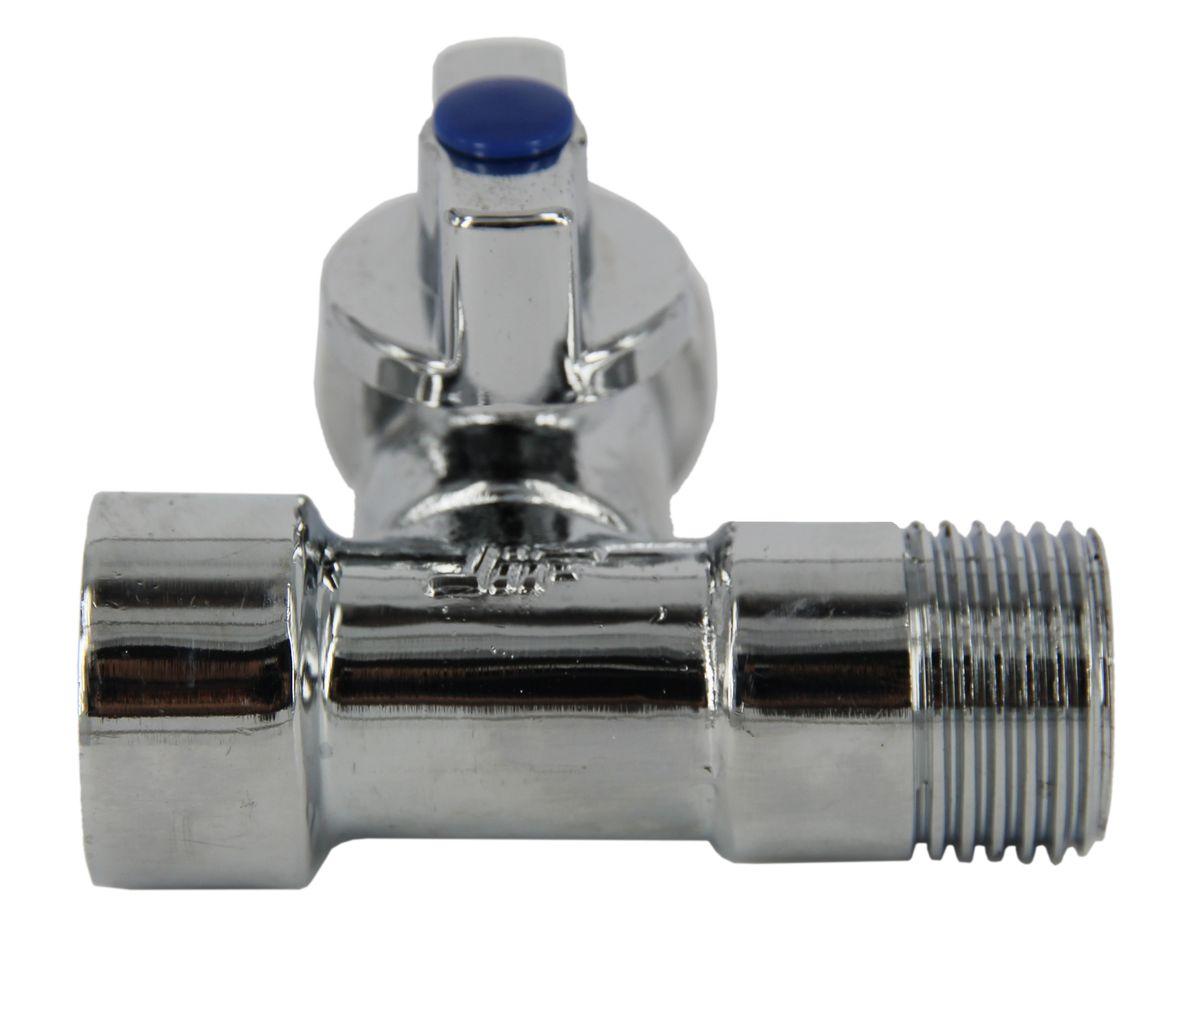 Кран шаровый трехпроходной для подключения стационарных приборов 1/2х3/4х1/2, резьба внутренняя/наружная/наружная, ручка флажок, хромированный JifИС.080349Кран шаровый трехпроходной для подключения стационарных приборов 1/2х3/4х1/2, резьба внутренняя/наружная/наружная, ручка флажок, хромированный предназначен для перекрытия потока воды в системе водоснабжения между потребителями, (стиральные посудомоечные машины, фильтры для воды). Привлекательный внешний вид и, входящий в комплект поставки, хромированный отражатель, позволяют произвести открытую установку крана . Рабочее давление 10 бар. Температура до +90°С. Диаметр 1: 1/2 (15 мм), внутренняя резьба. Диаметр 2: 3/4 (20 мм), наружная резьба. Диаметр 3: 1/2 (15 мм), внутренняя резьба.